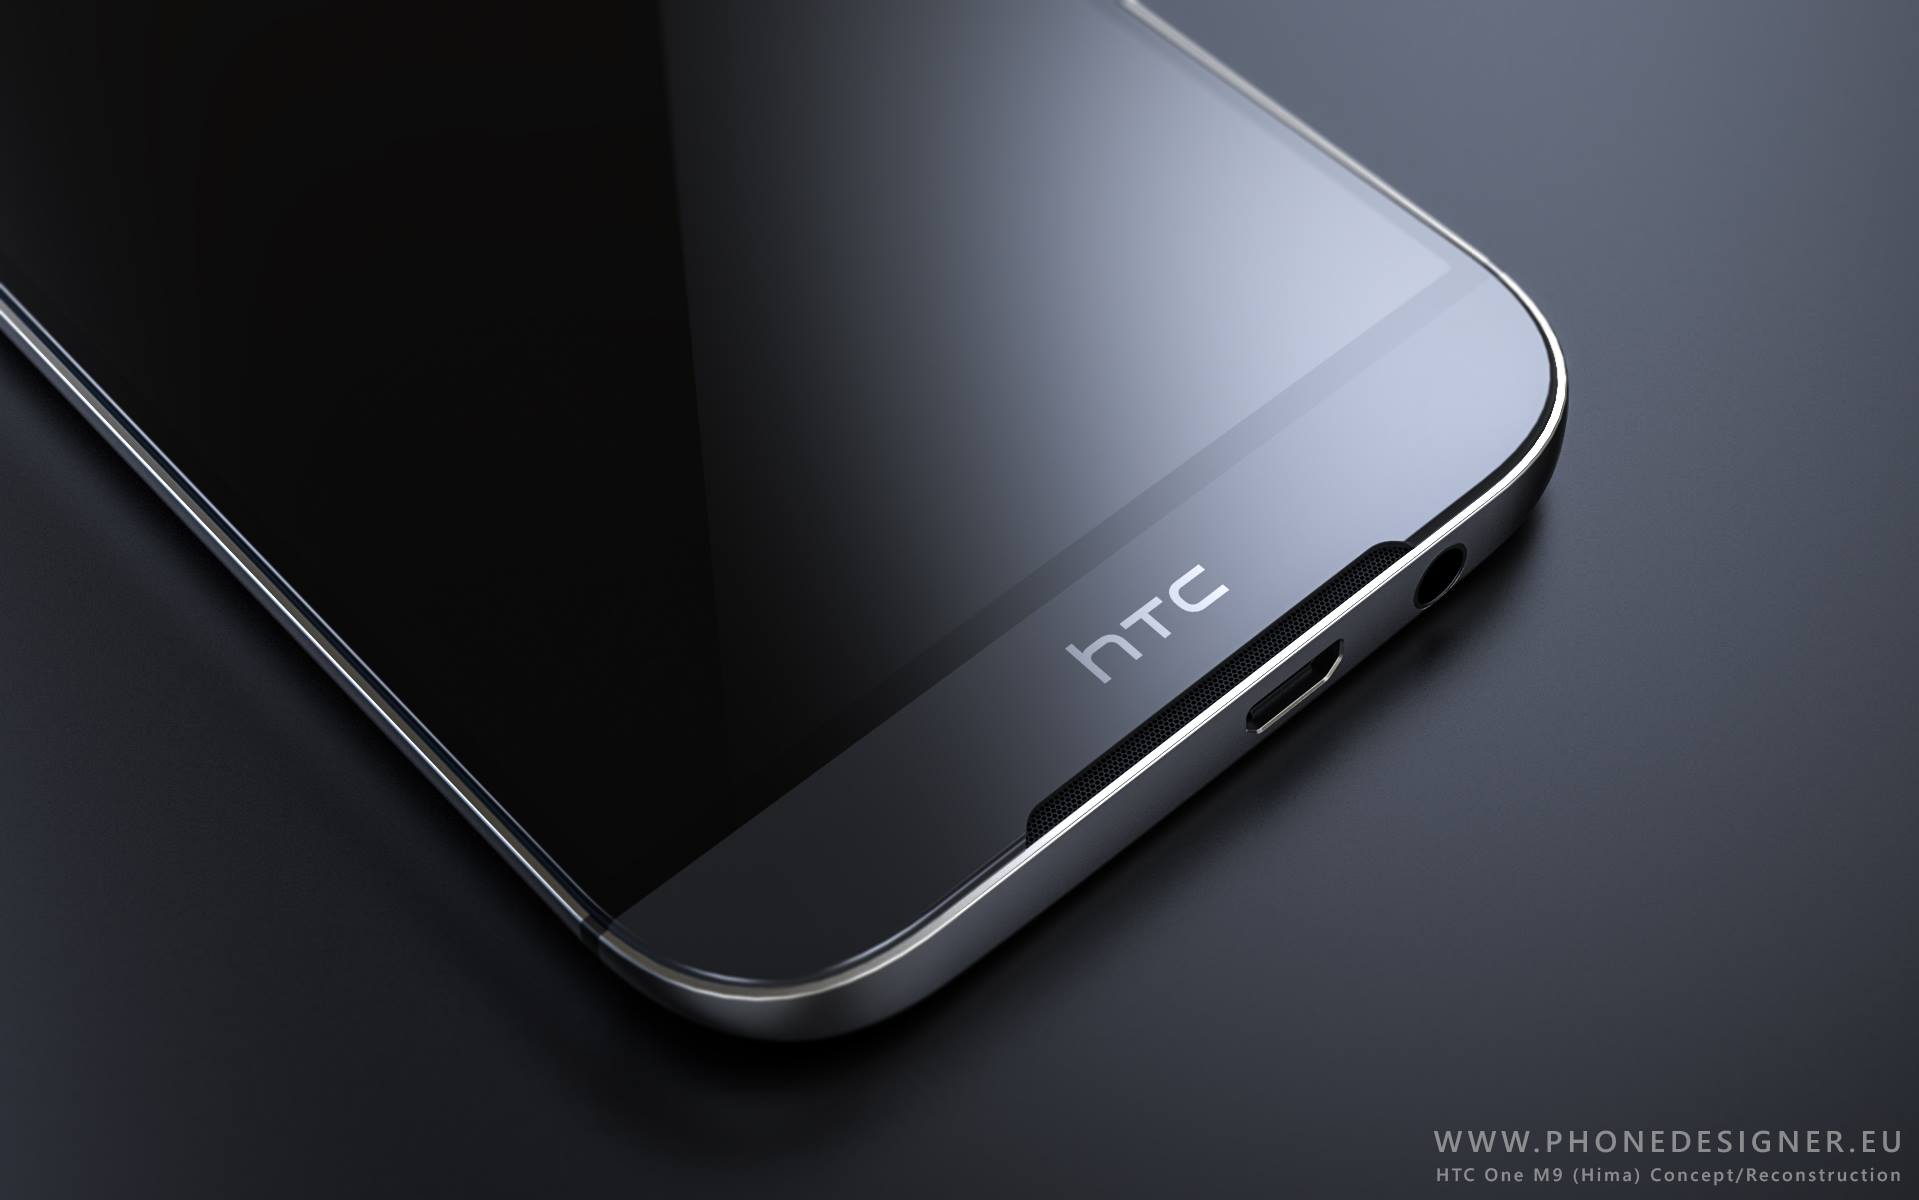 Sonunda HTC One M9 Snapdragon 810 ile Tanıtıldı